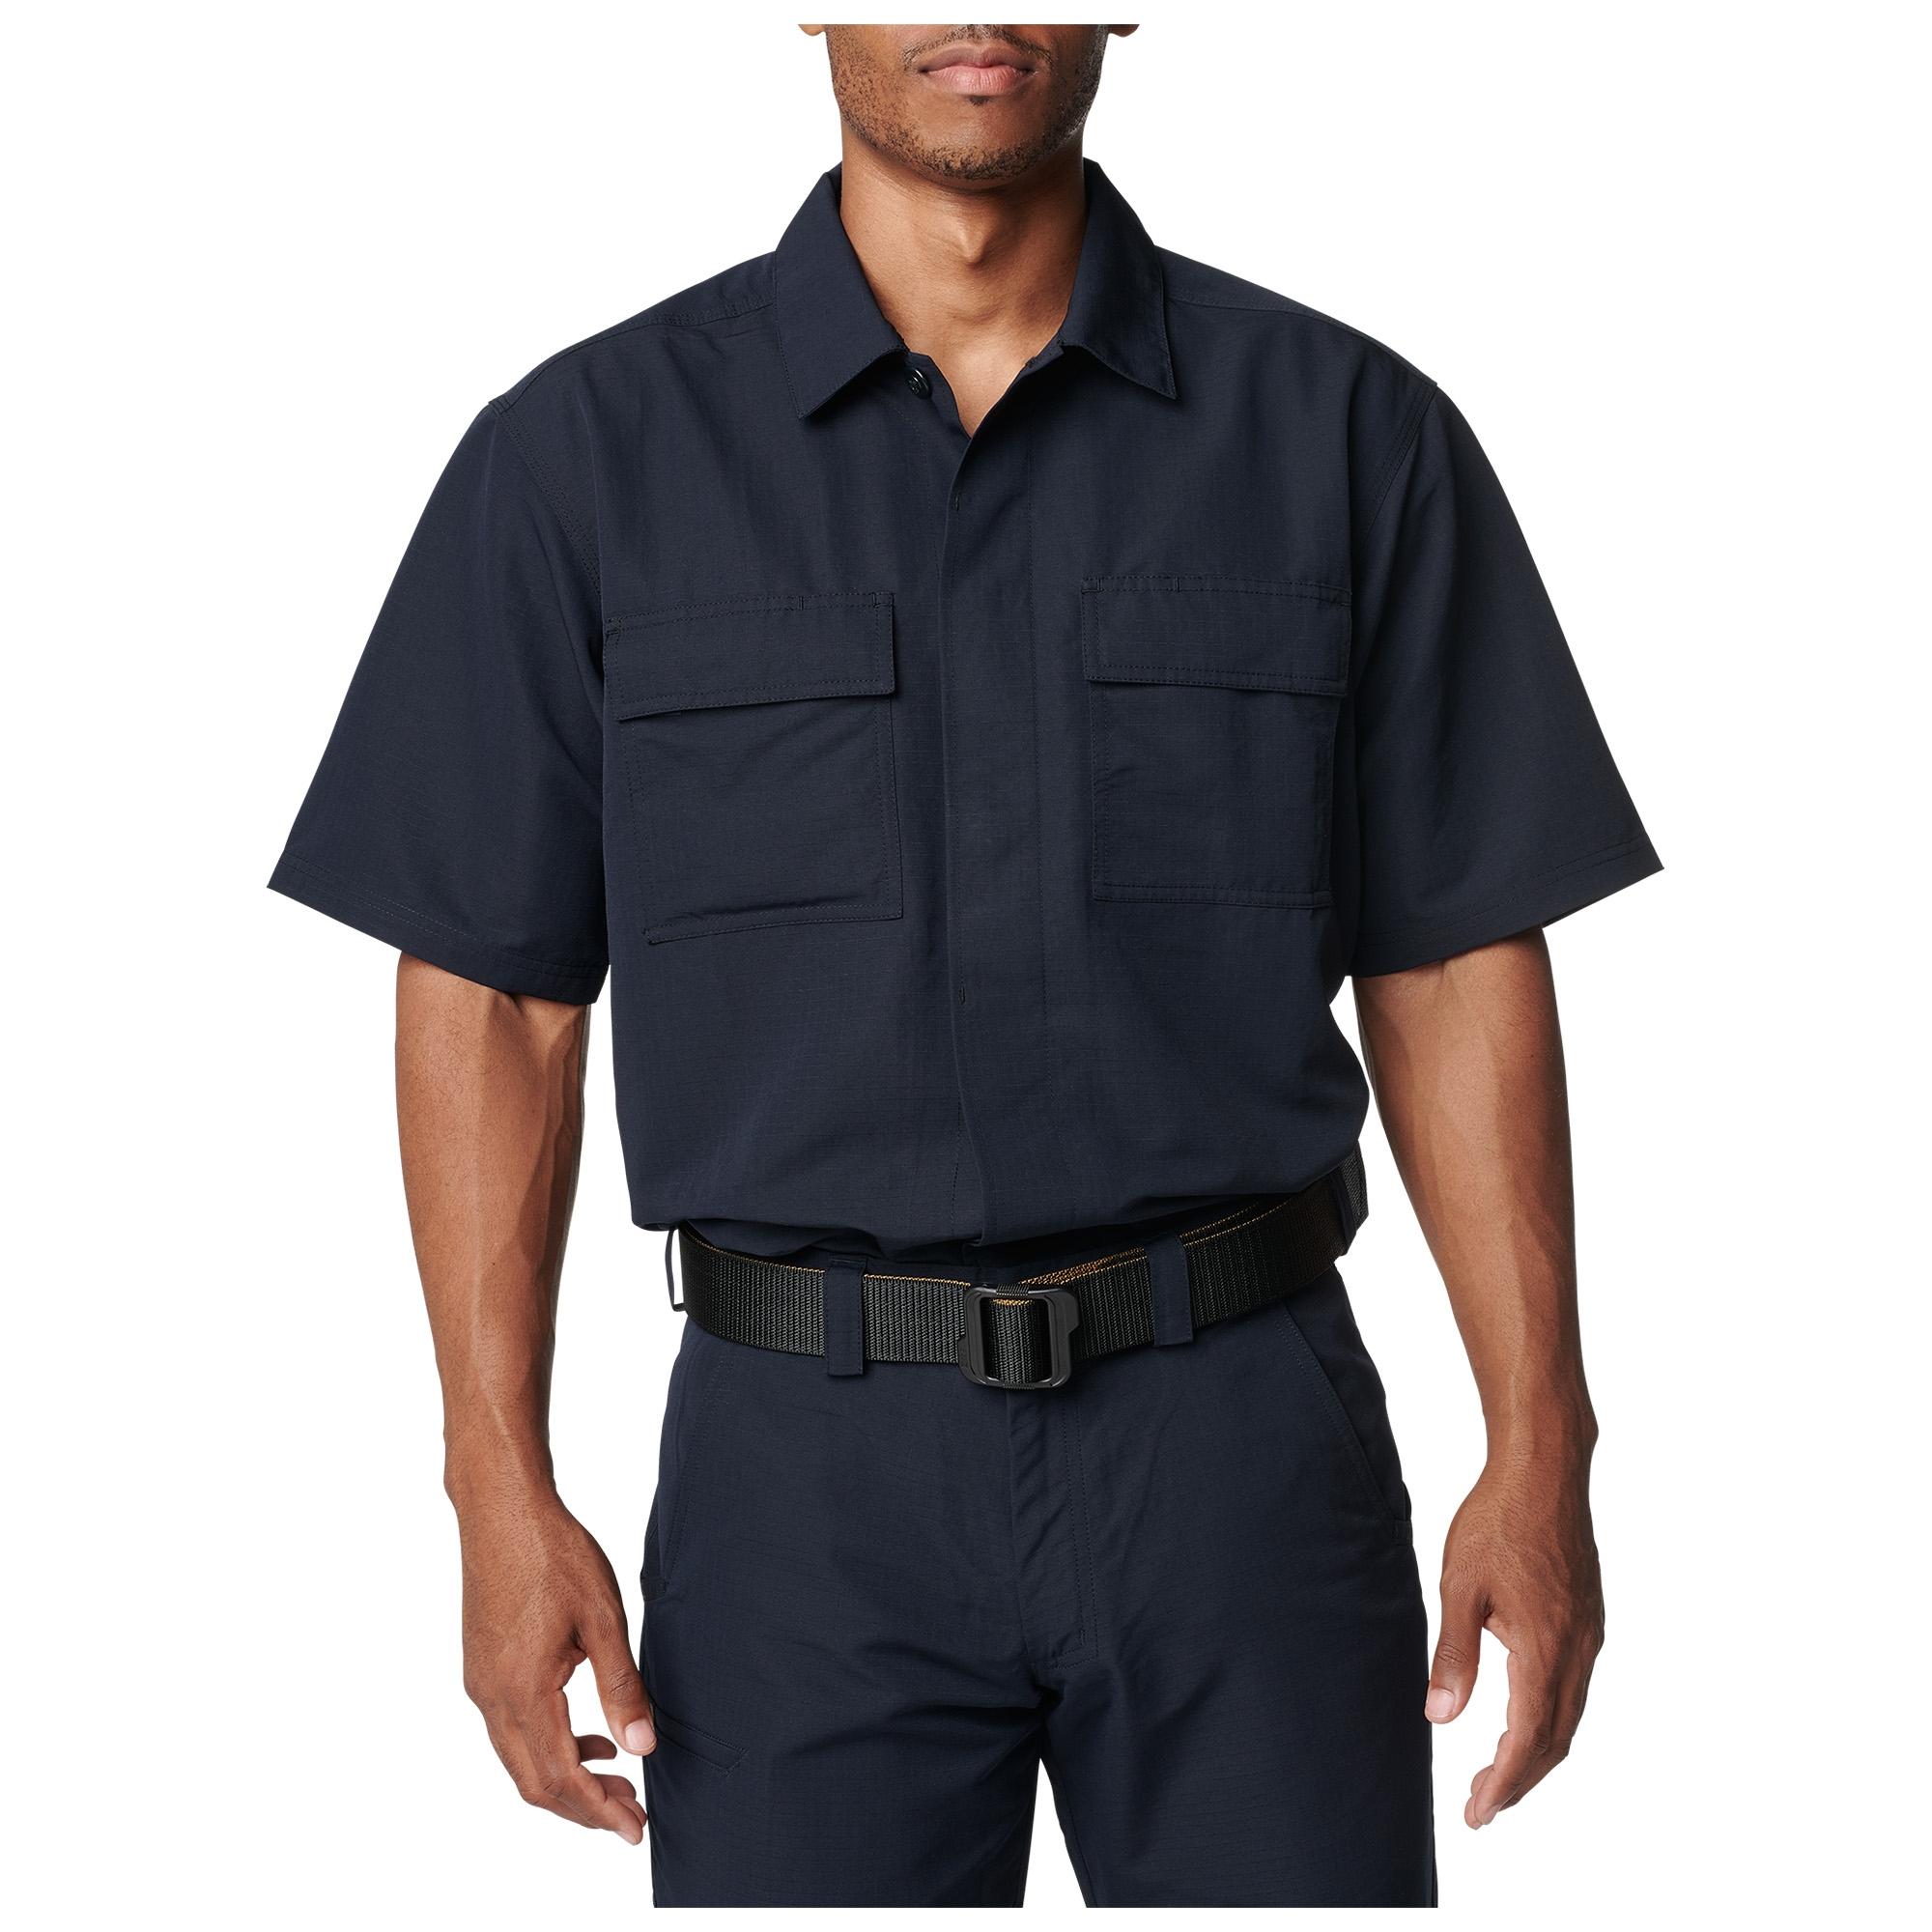 c1e9d38bfa19d Buy 5.11 Tactical MenS Fast Tac Tdu Short Sleeve Shirt - 5.11 ...